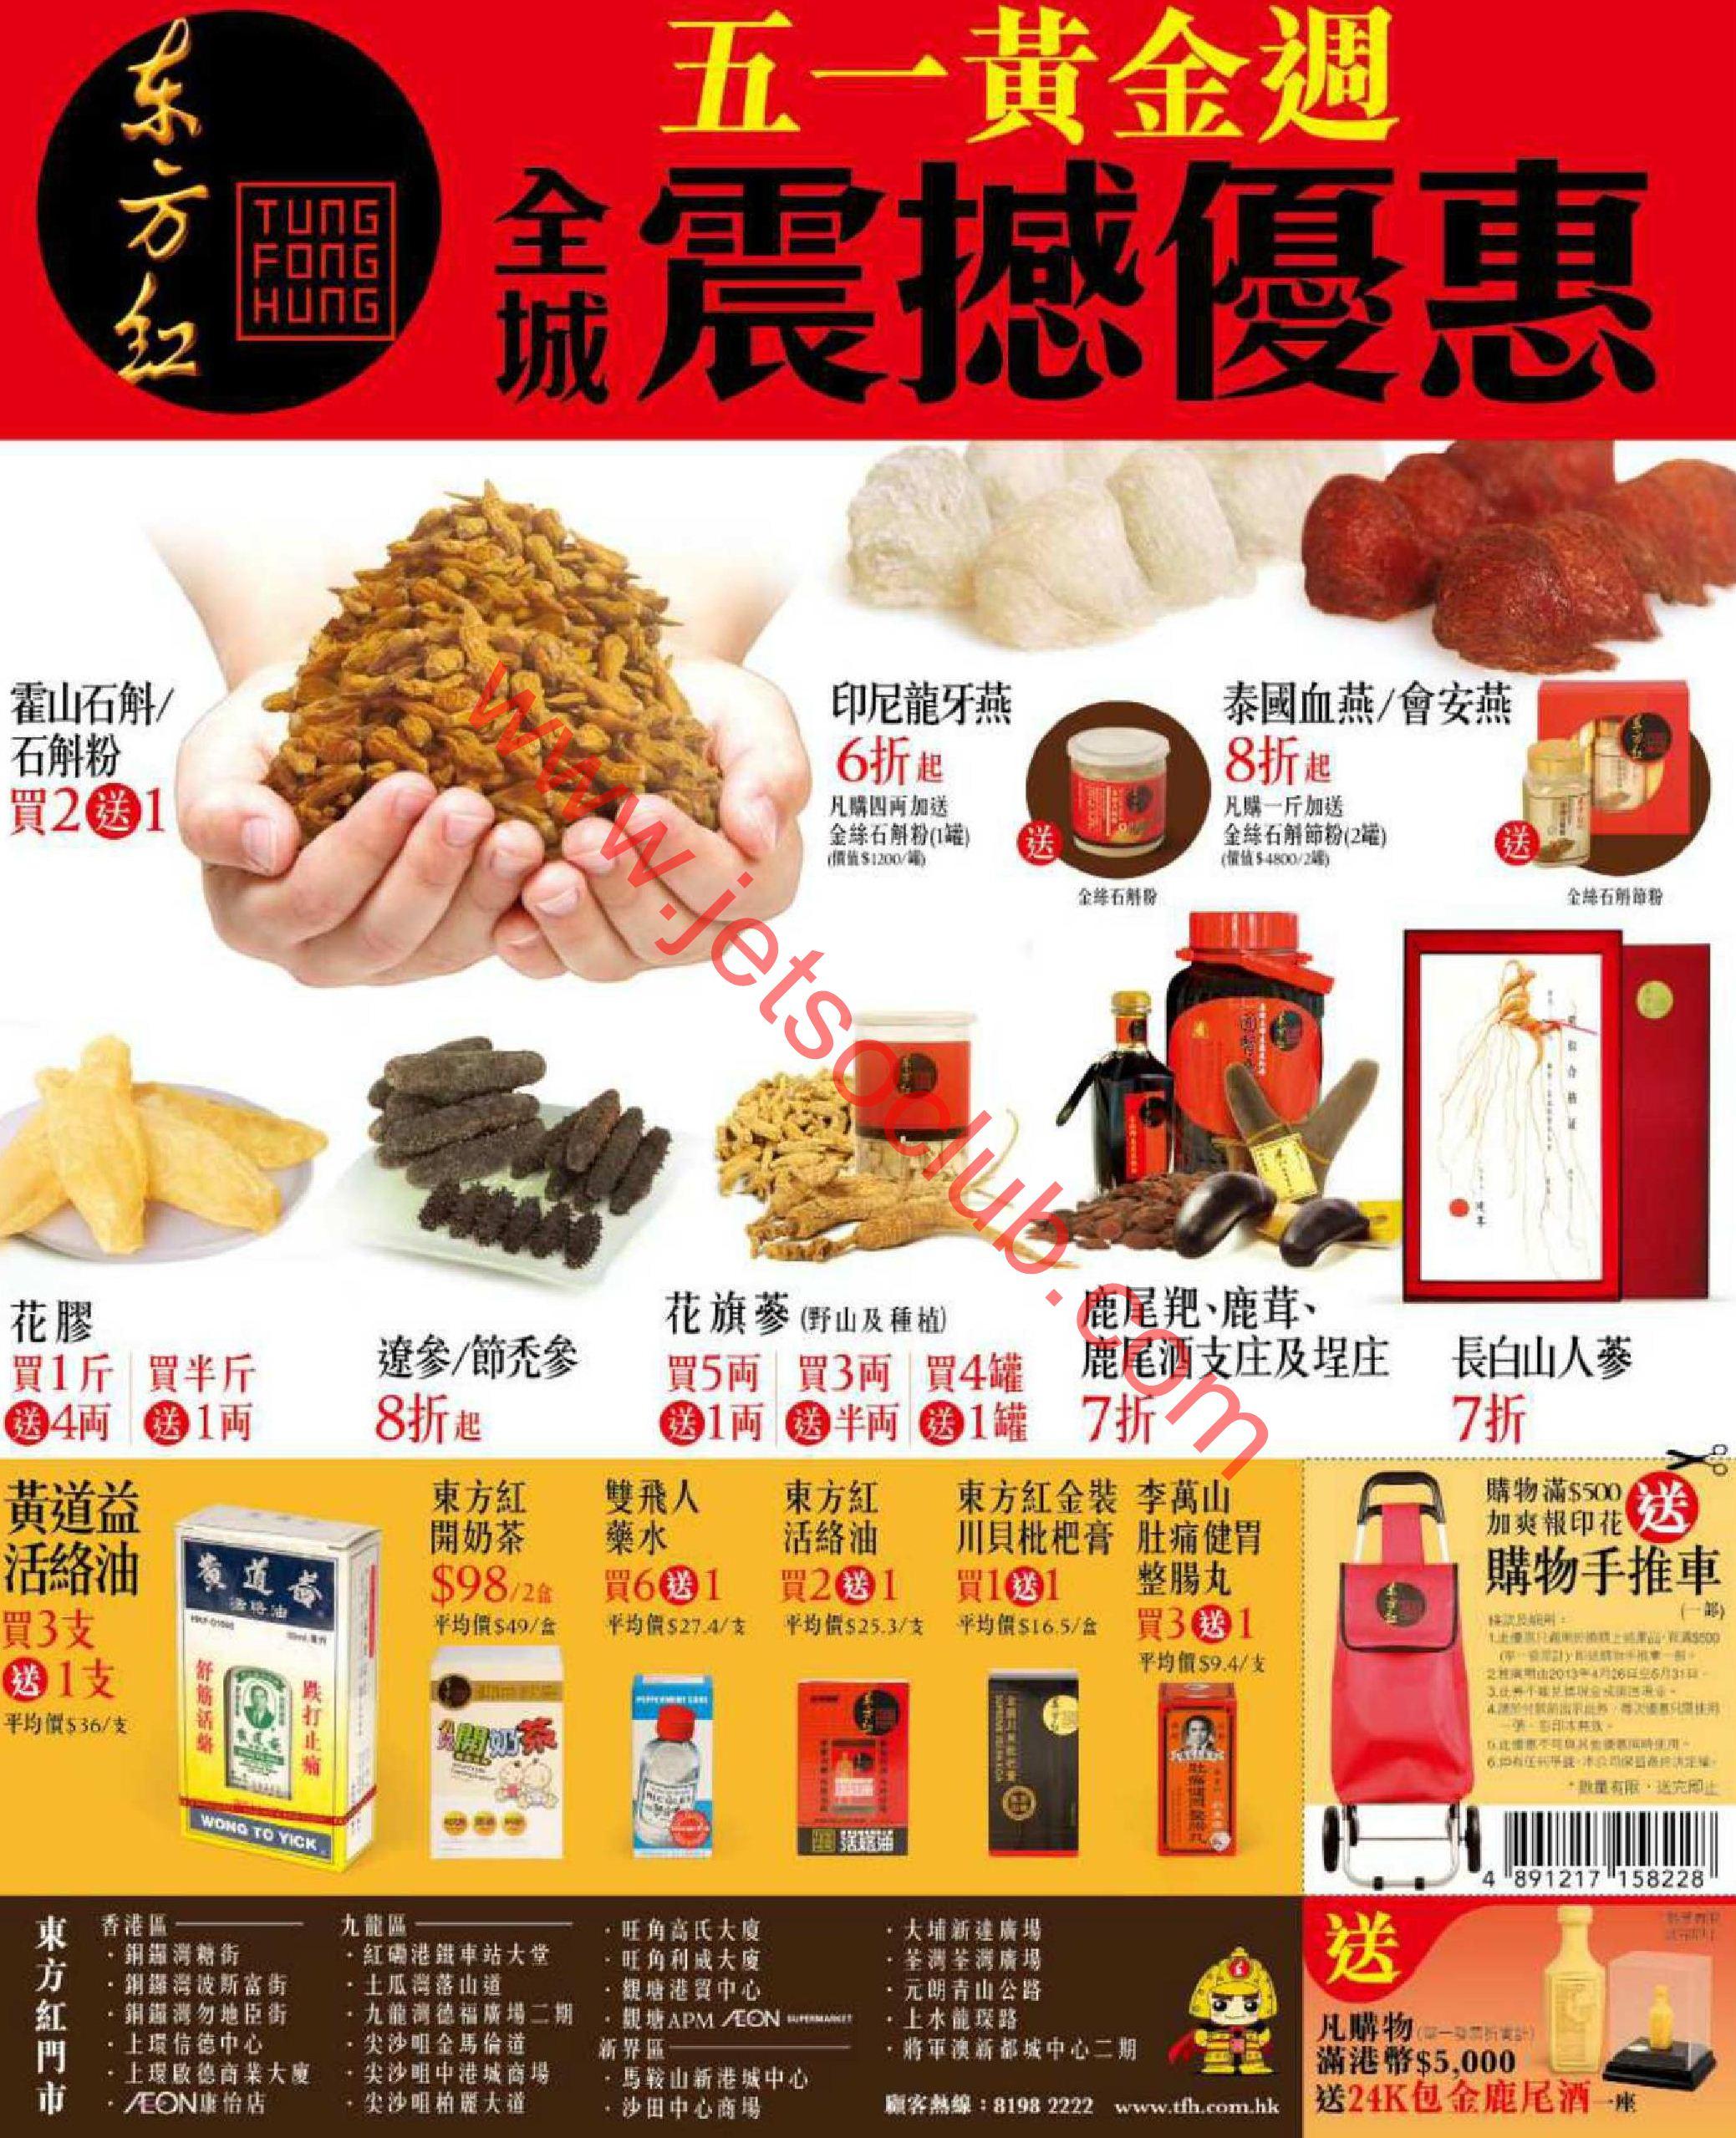 華潤堂/官燕棧/東方紅最新購物優惠(26/4) ( Jetso Club 著數俱樂部 )